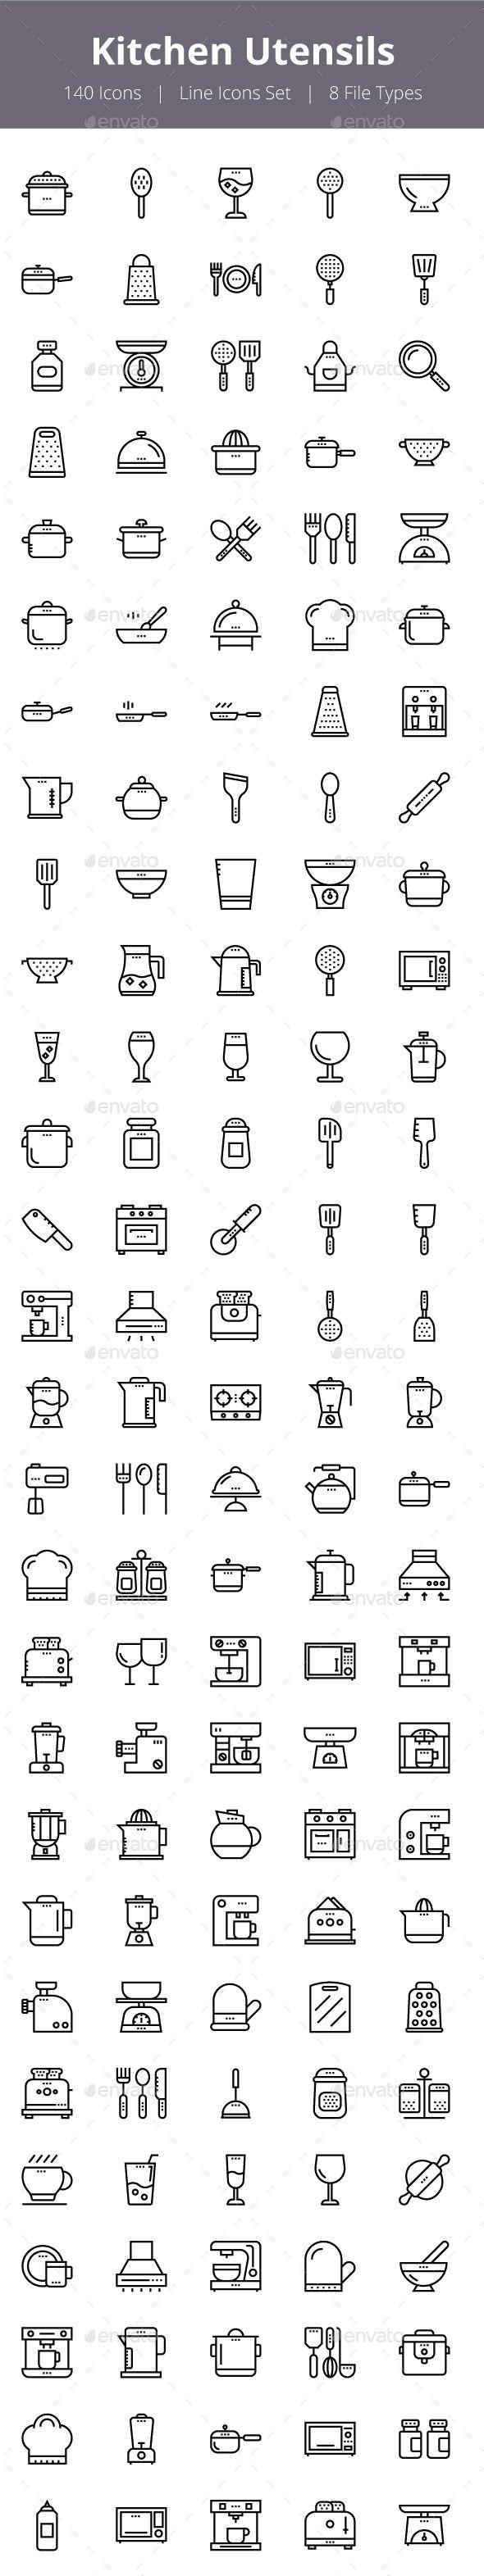 125+ Kitchen Utensils Line Icons